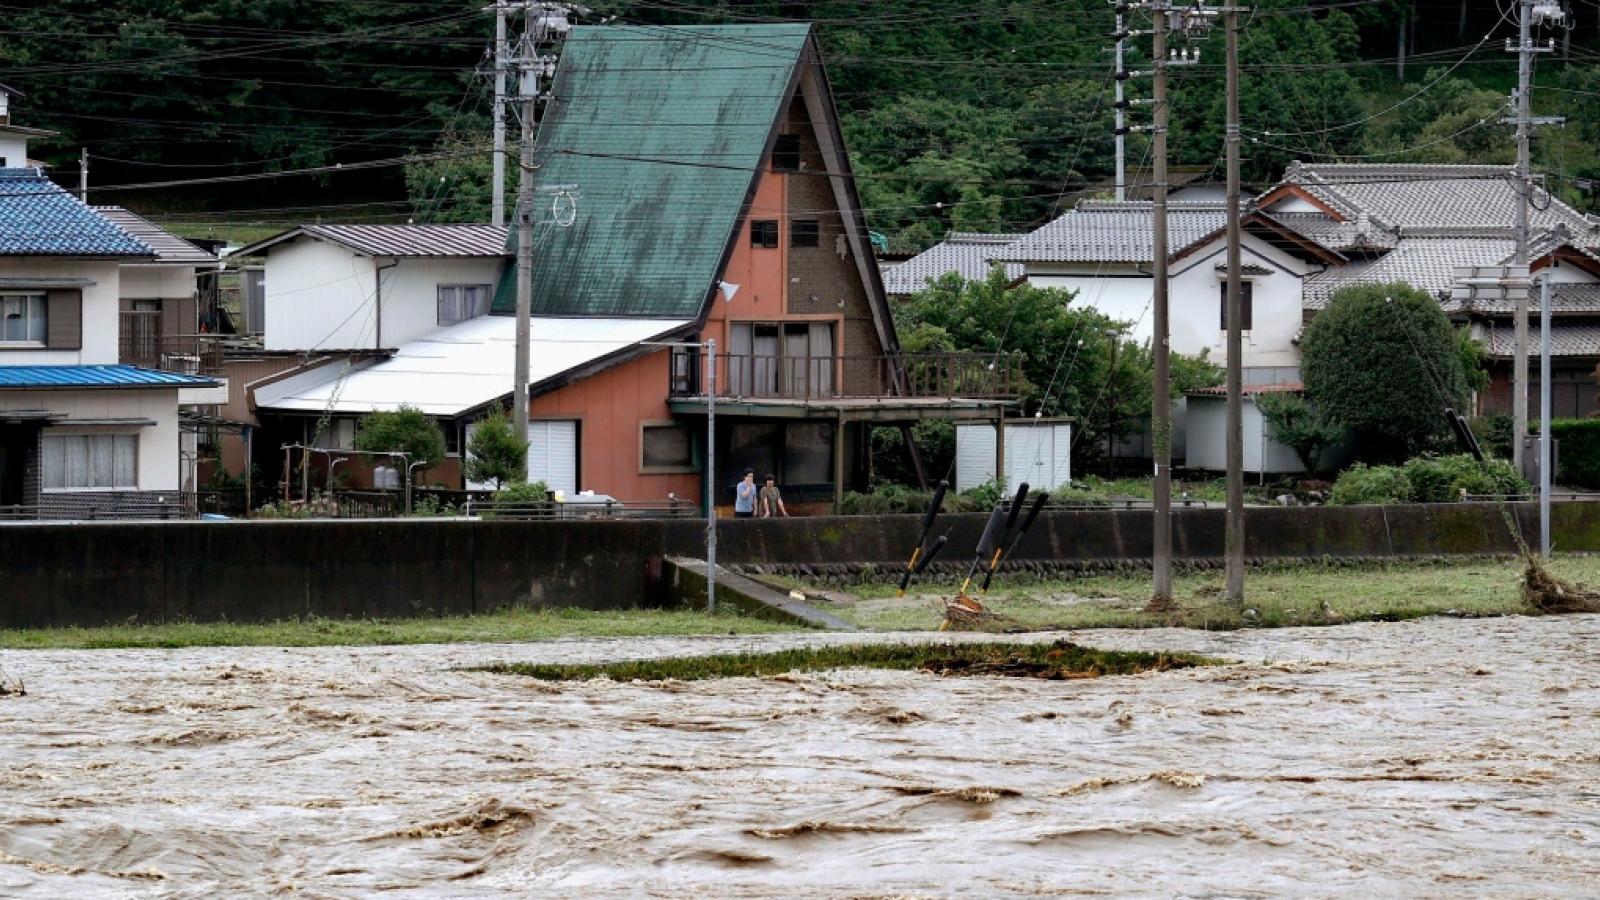 Hàng nghìn hộ dân ở Nhật Bản bị cô lập vì mưa lũ